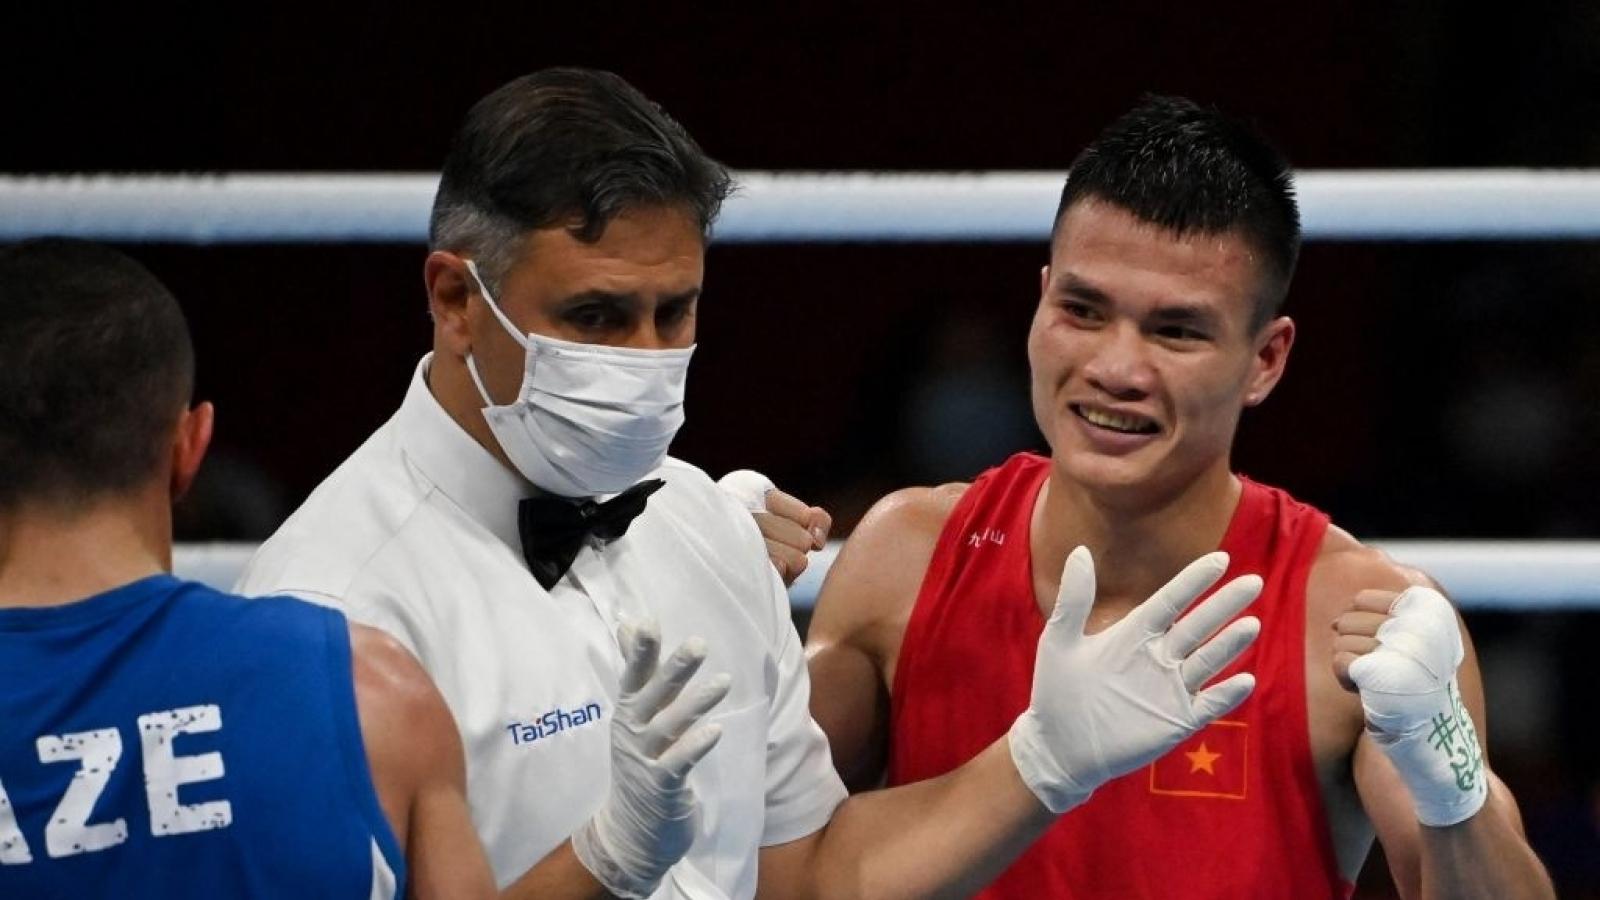 Thể thao Việt Nam ở Olympic ngày 24/7: Văn Đương lập kỳ tích, Kim Tuyền lỡ trận tranh HCĐ